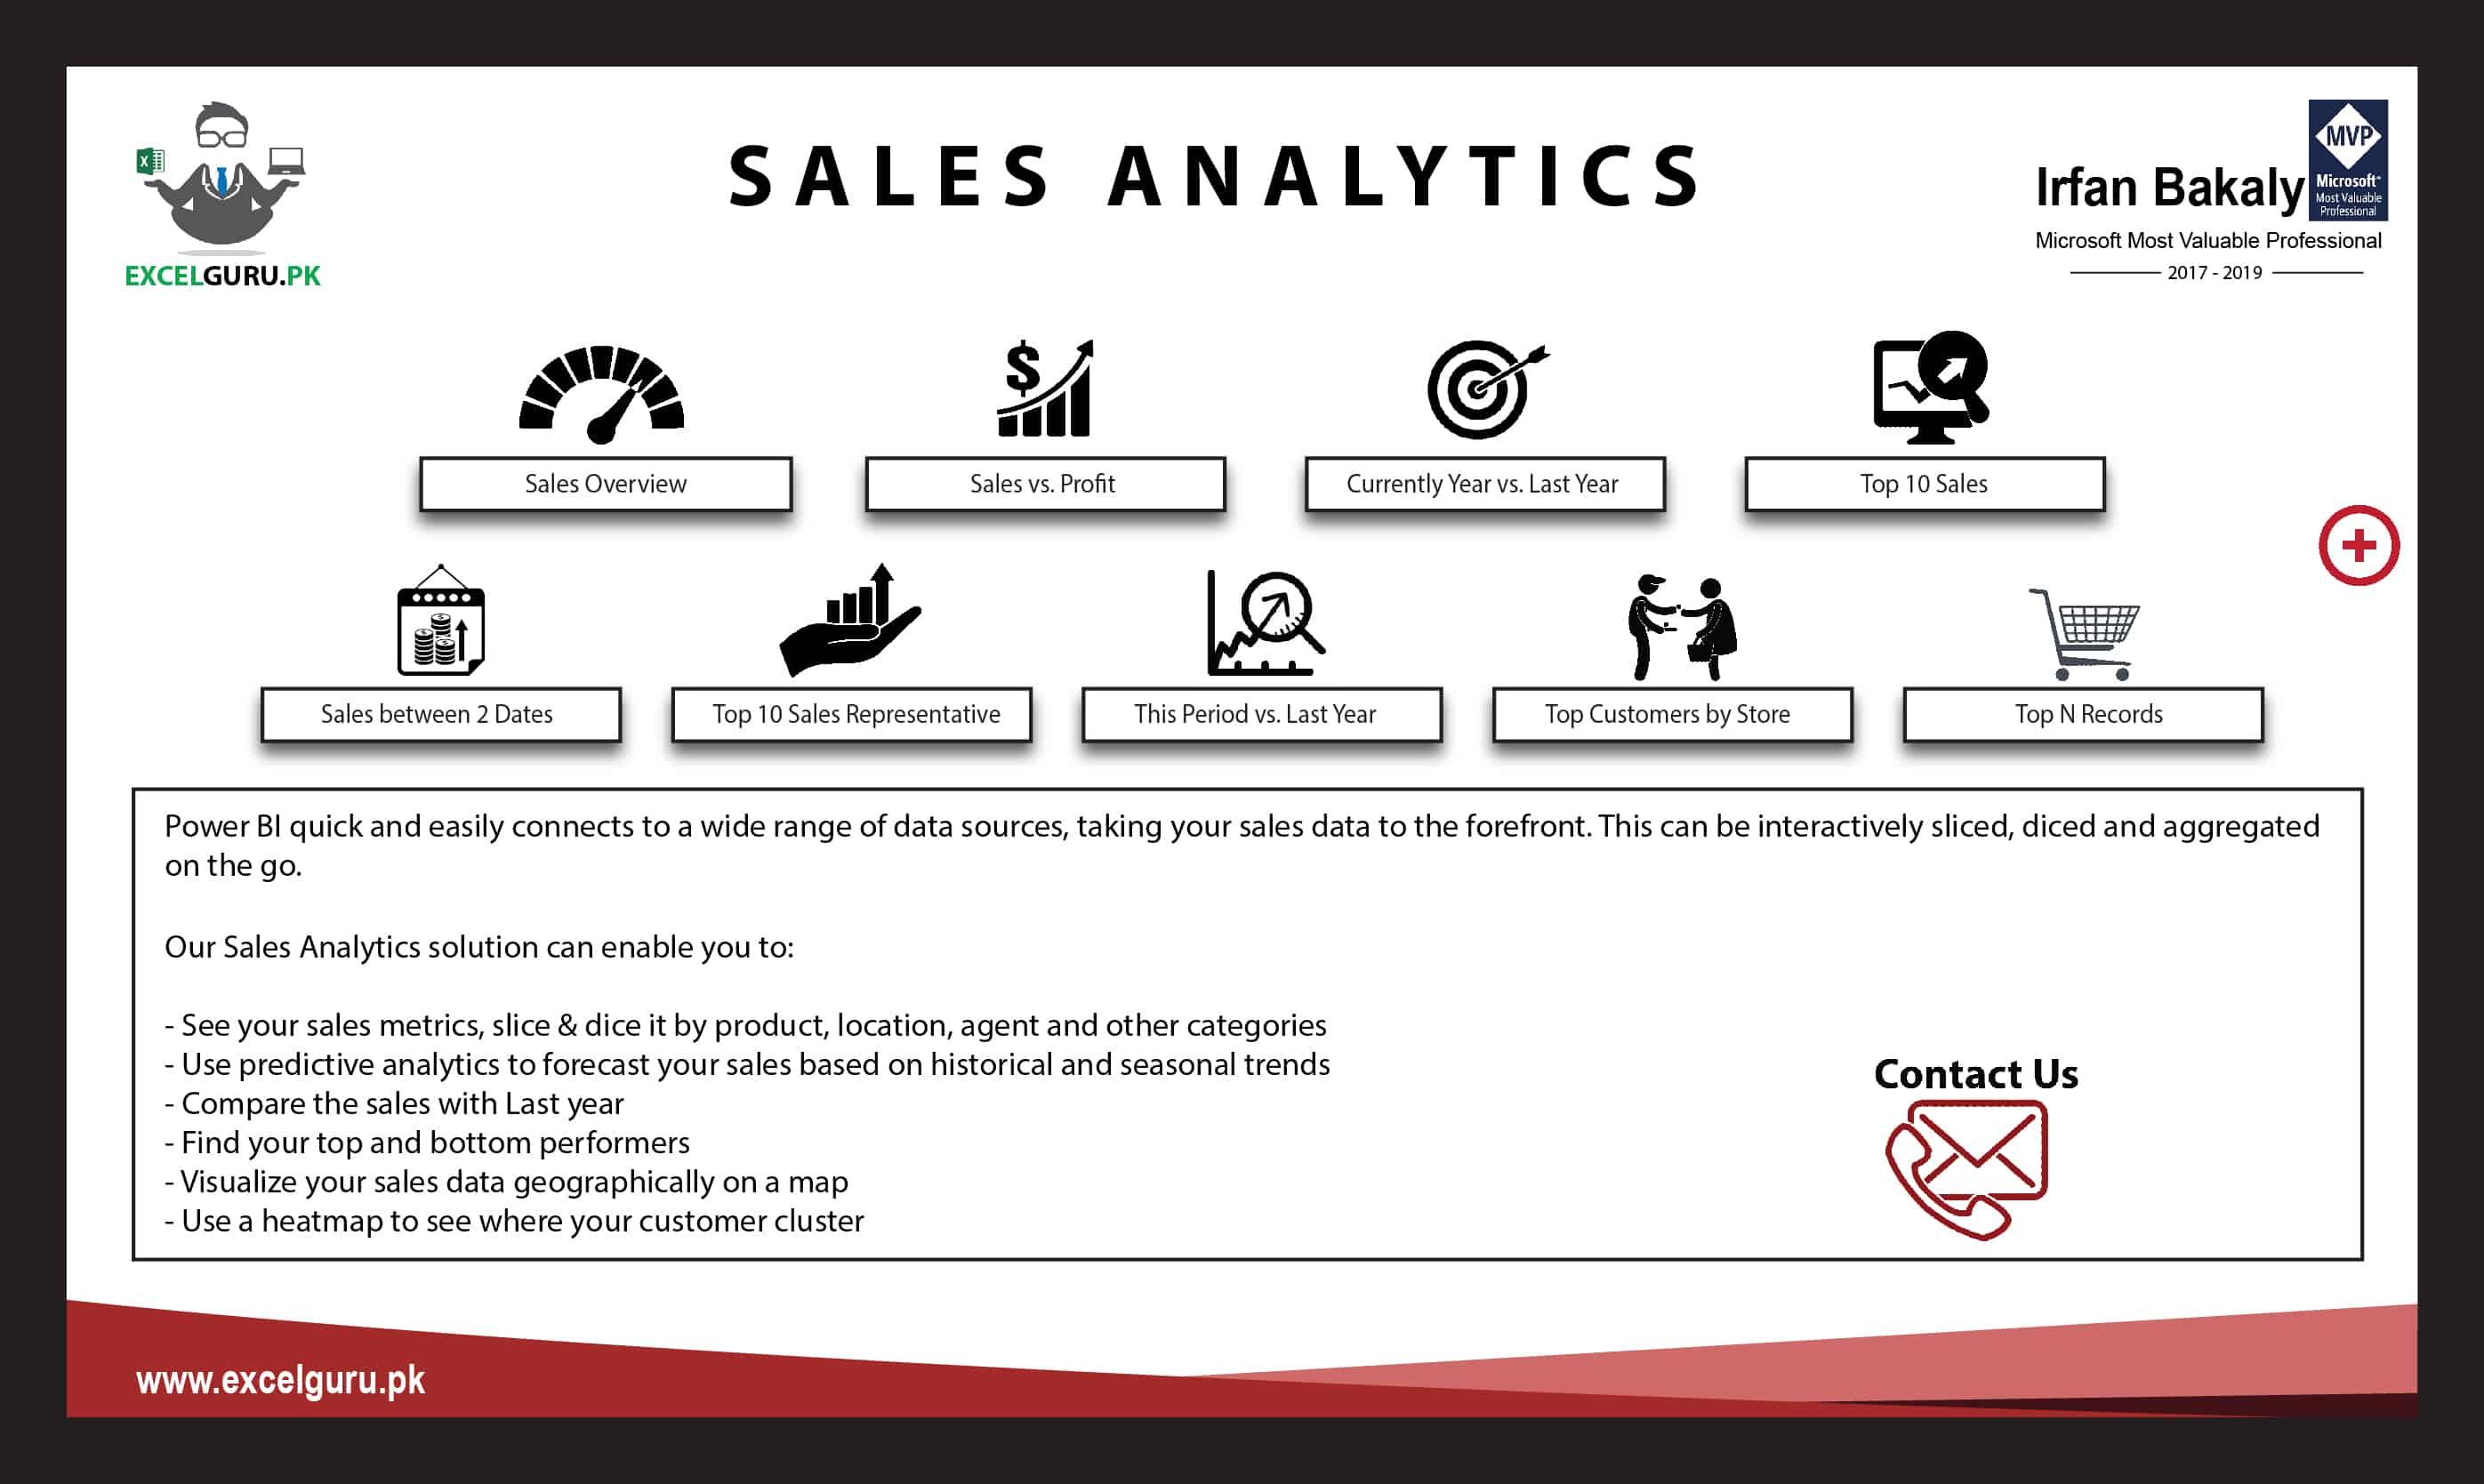 Sales Analytics in Power BI